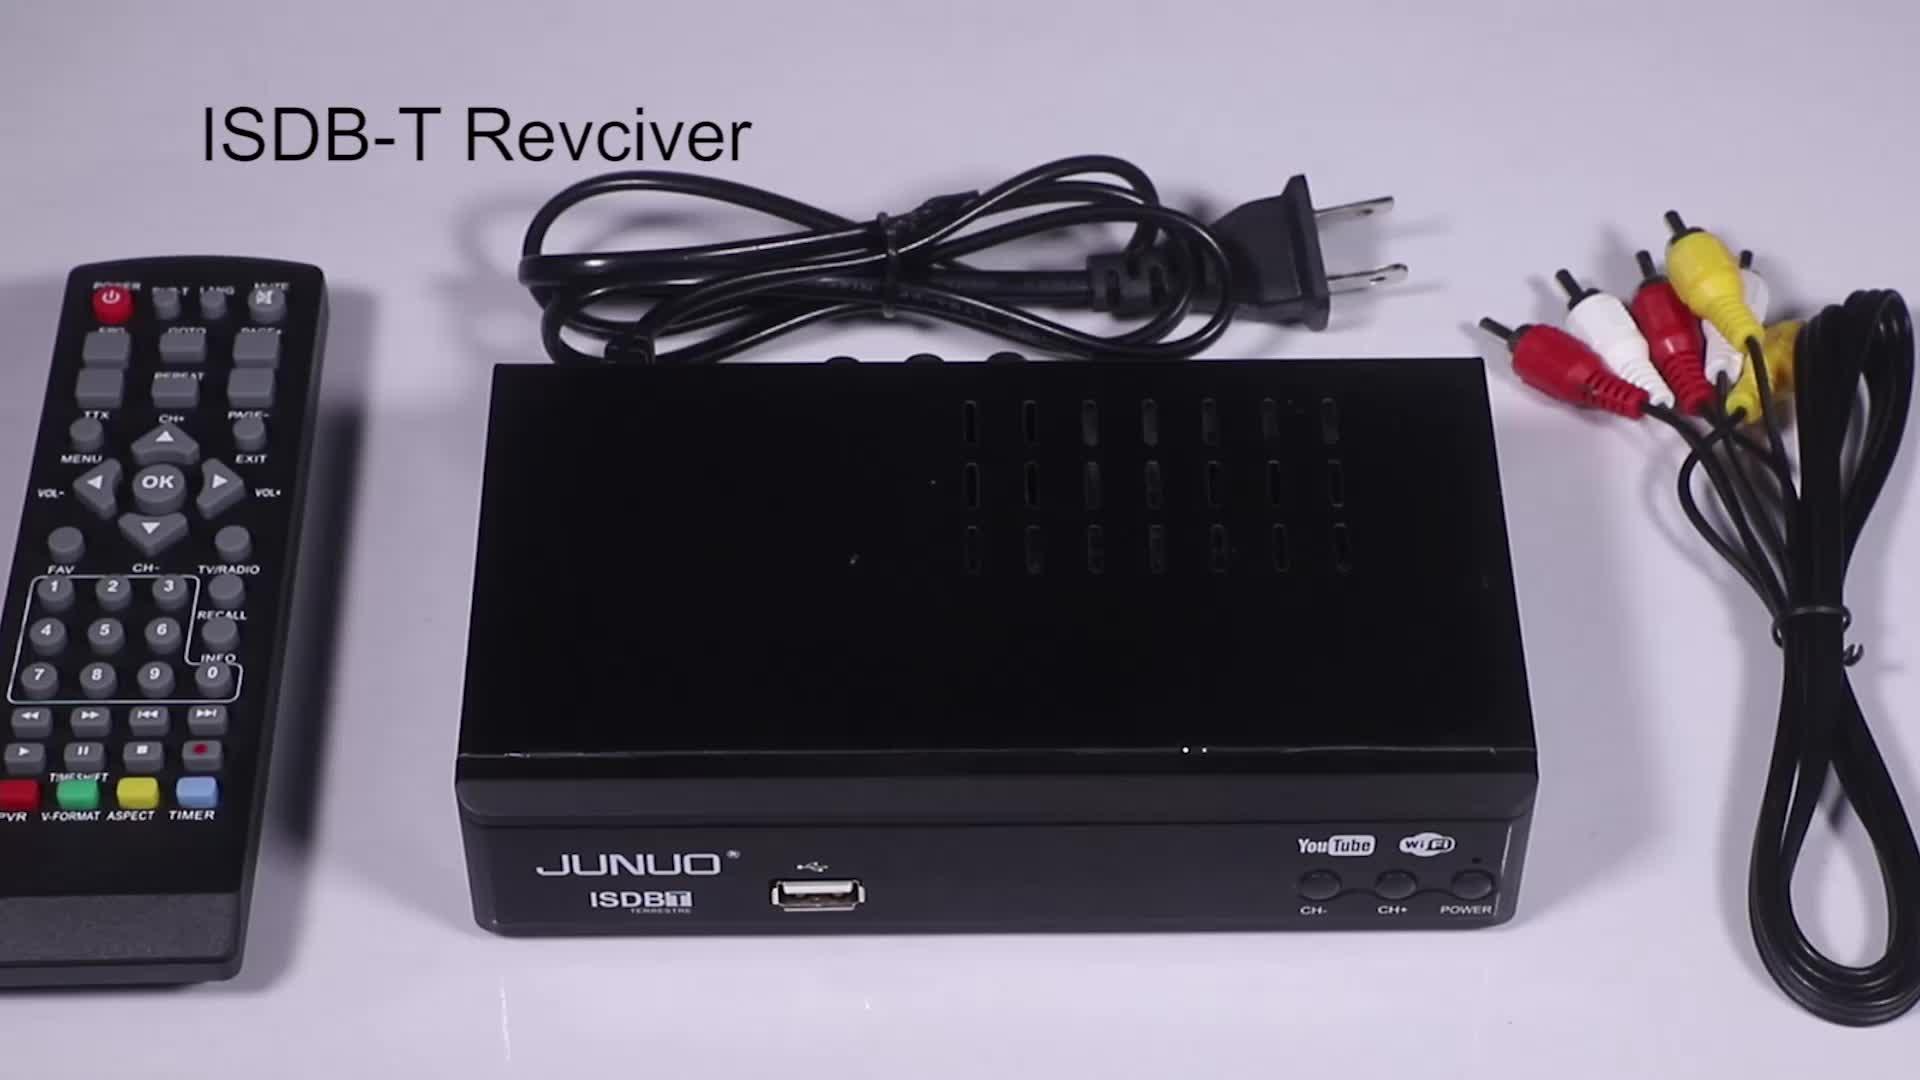 JUNUO STB fabrik frei zu luft digital hd empfänger 1080p set top box full HD ISDB-T